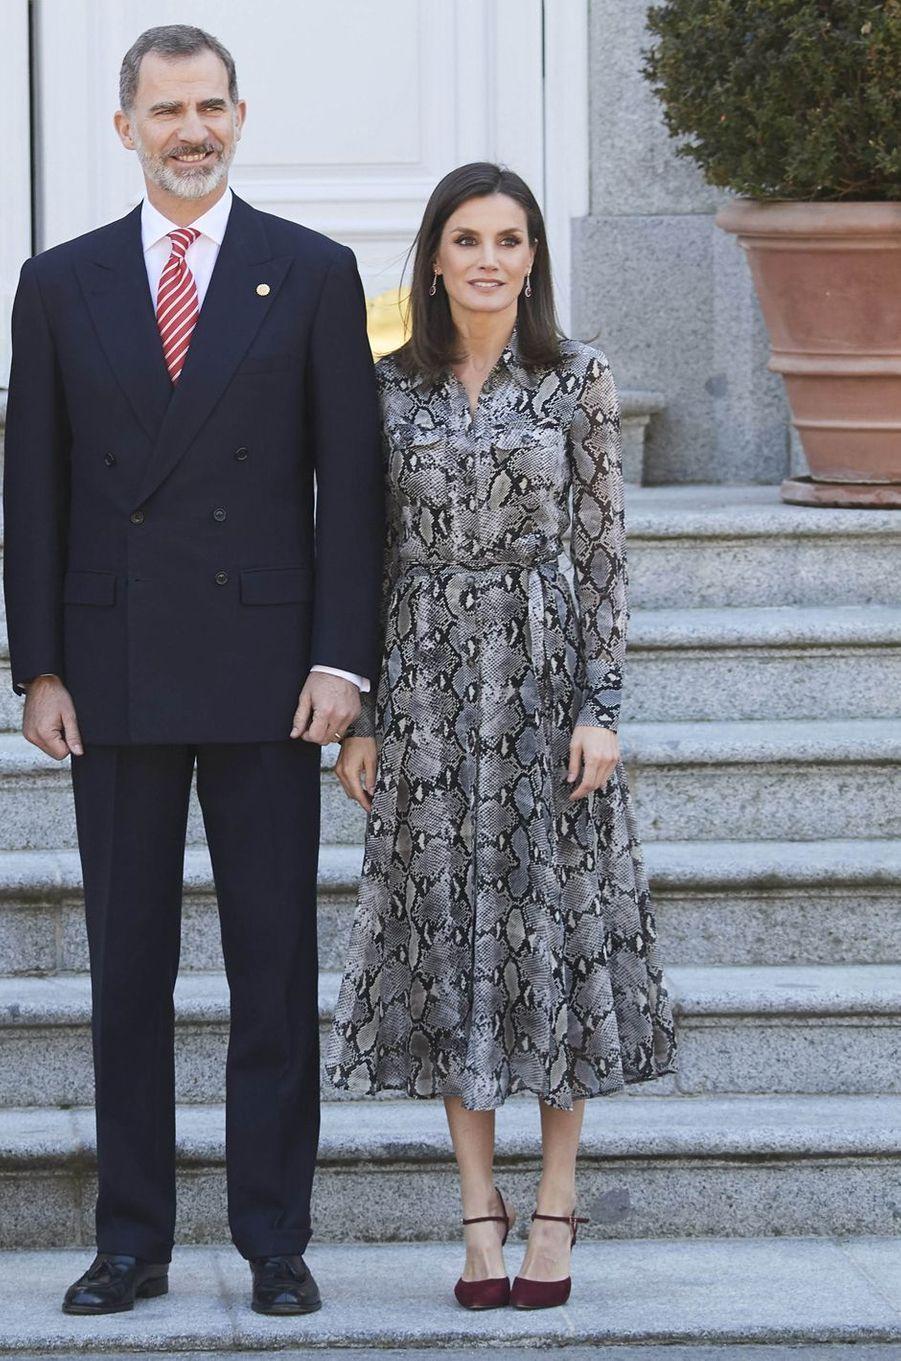 La reine Letizia d'Espagne dans une robe Massimo Dutti à Madrid, le 27 février 2019